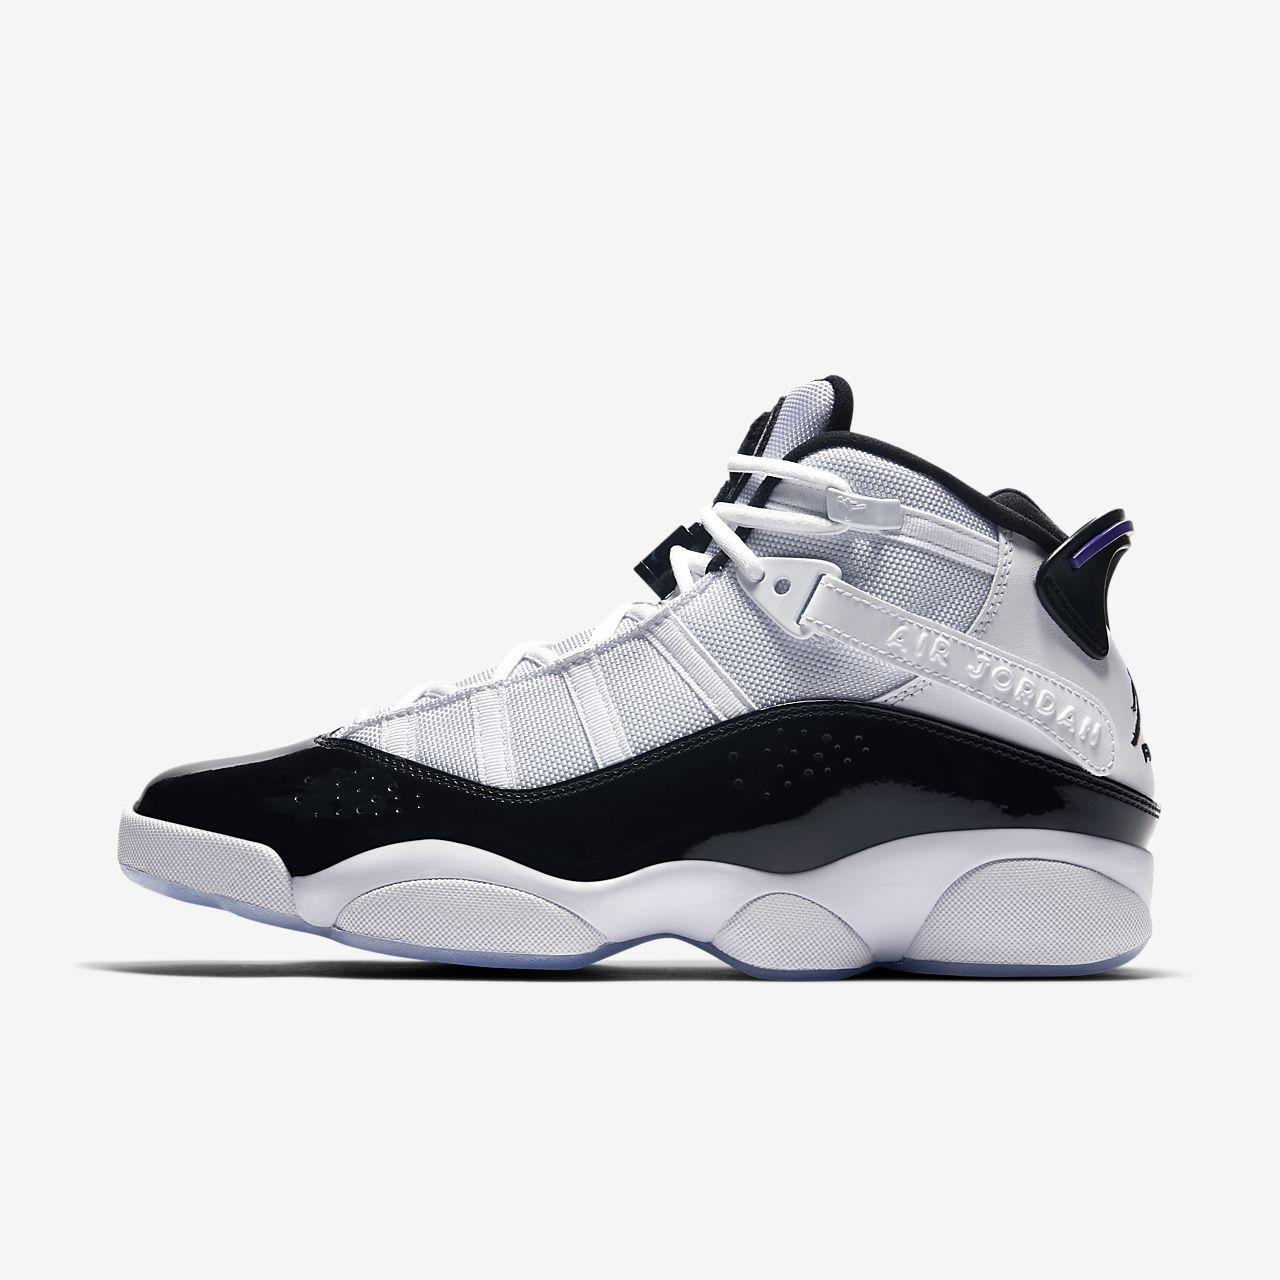 jordan shoes 6 rings